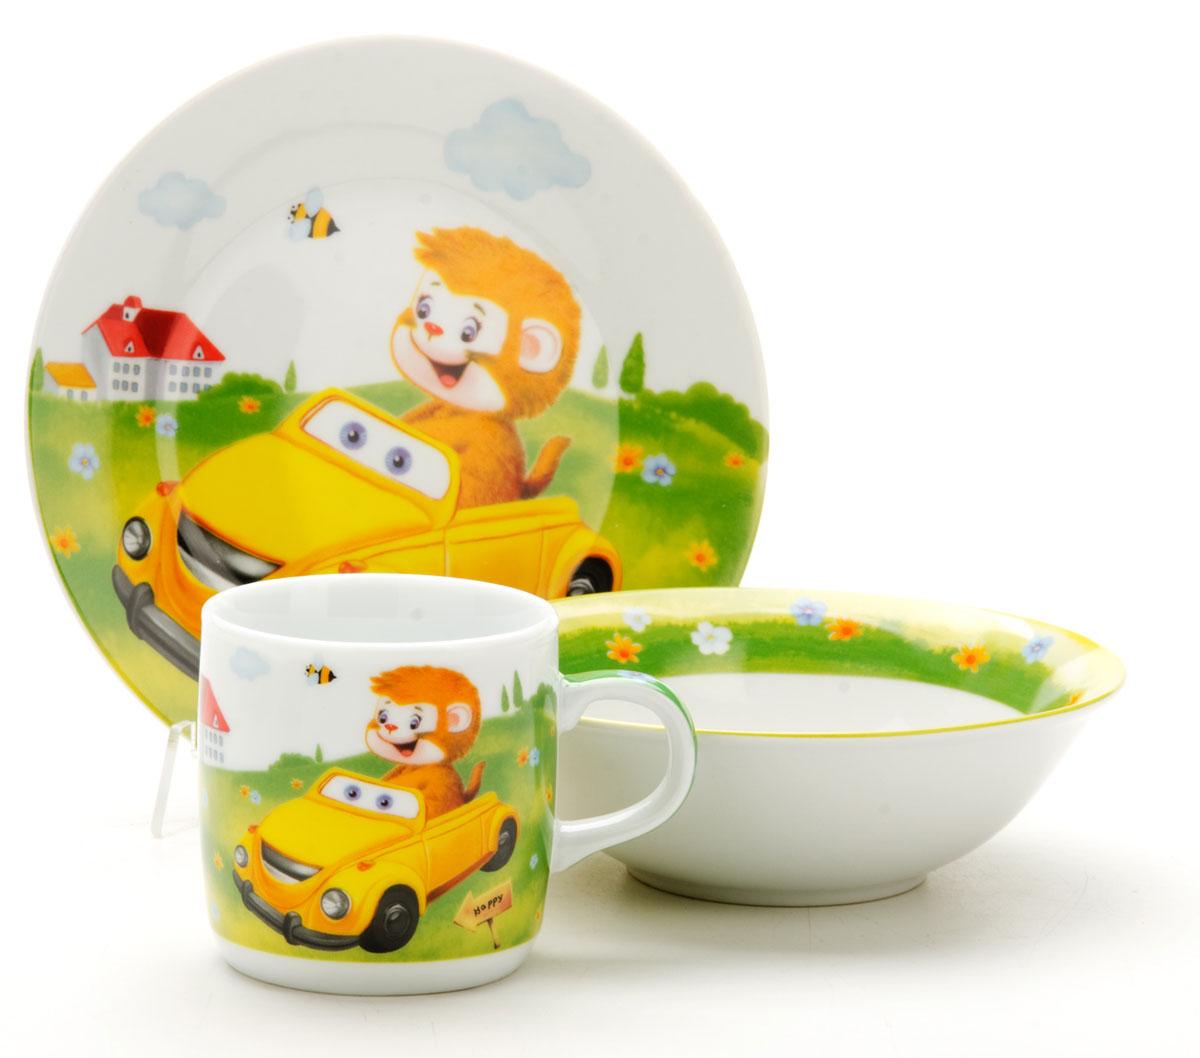 Набор посуды Loraine Машинка, 3 предмета25602Набор посуды Фея сочетает в себе изысканный дизайн с максимальной функциональностью. В набор входят суповая тарелка, обеденная тарелка и кружка. Предметы набора выполнены из высококачественной керамики, декорированы красочным рисунком. Благодаря такому набору обед вашего ребенка будет еще вкуснее. Набор упакован в красочную, подарочную упаковку.